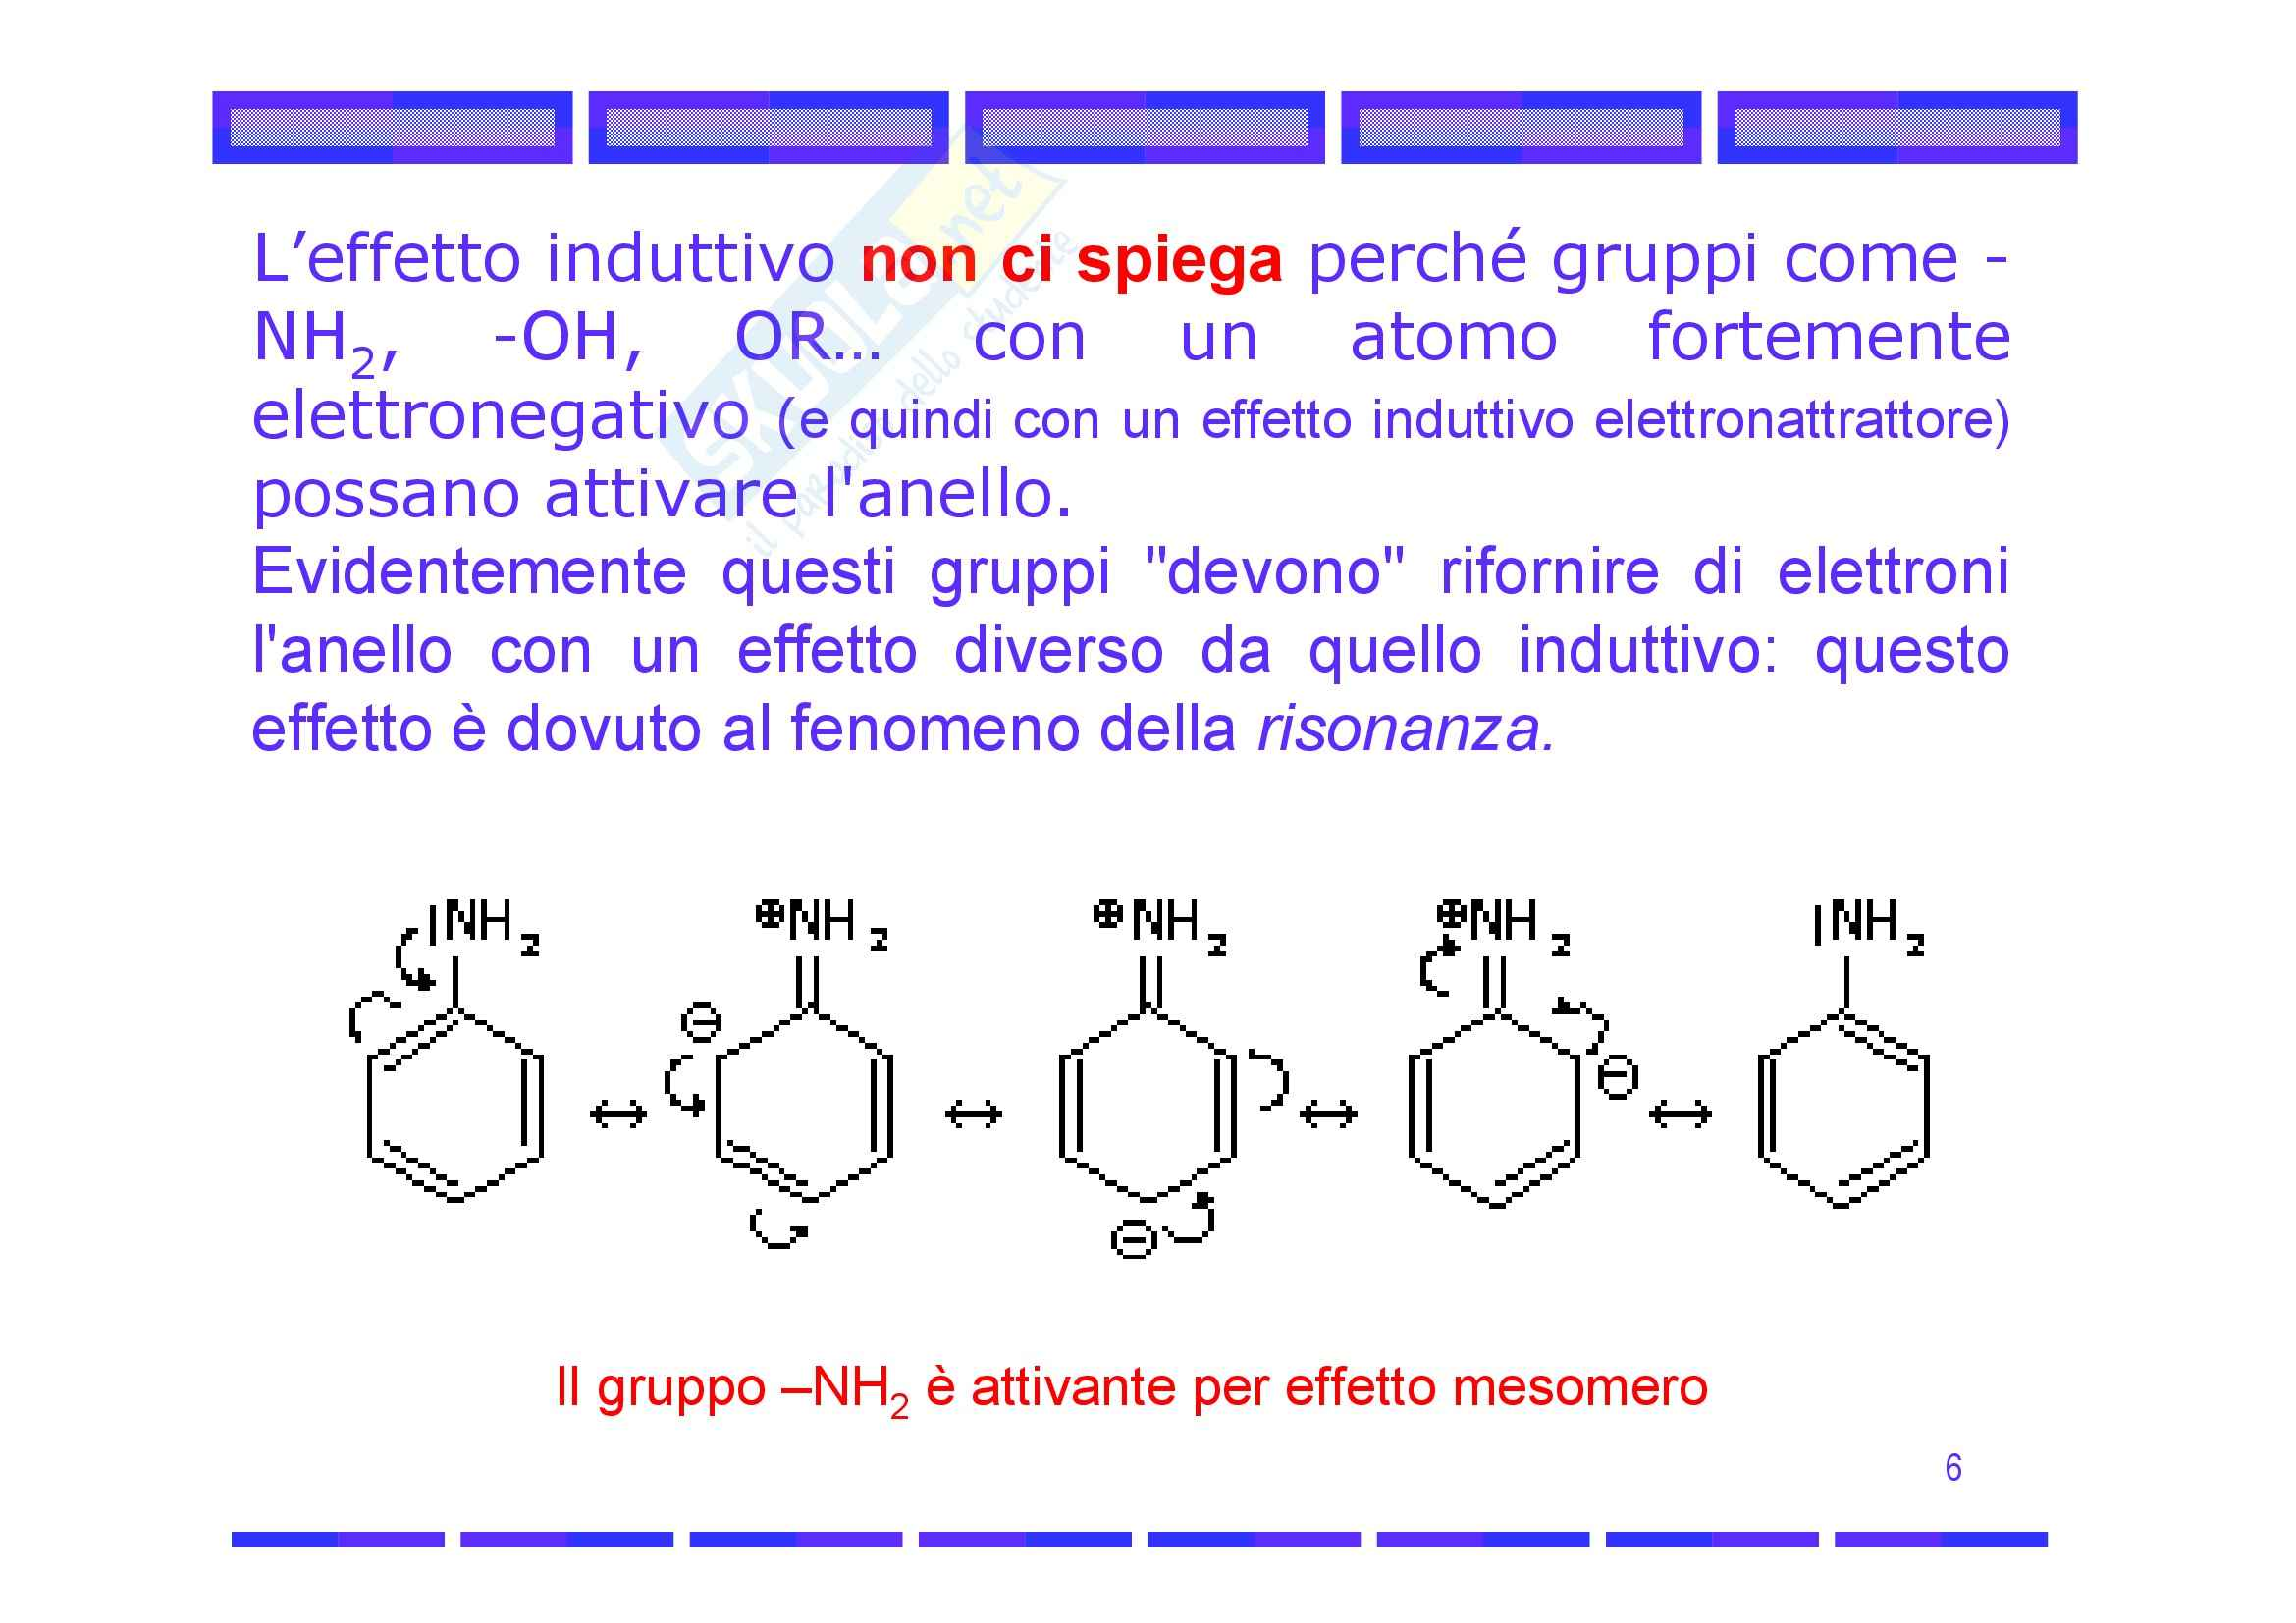 Chimica organica - effetto induttivo e mesomero Pag. 6